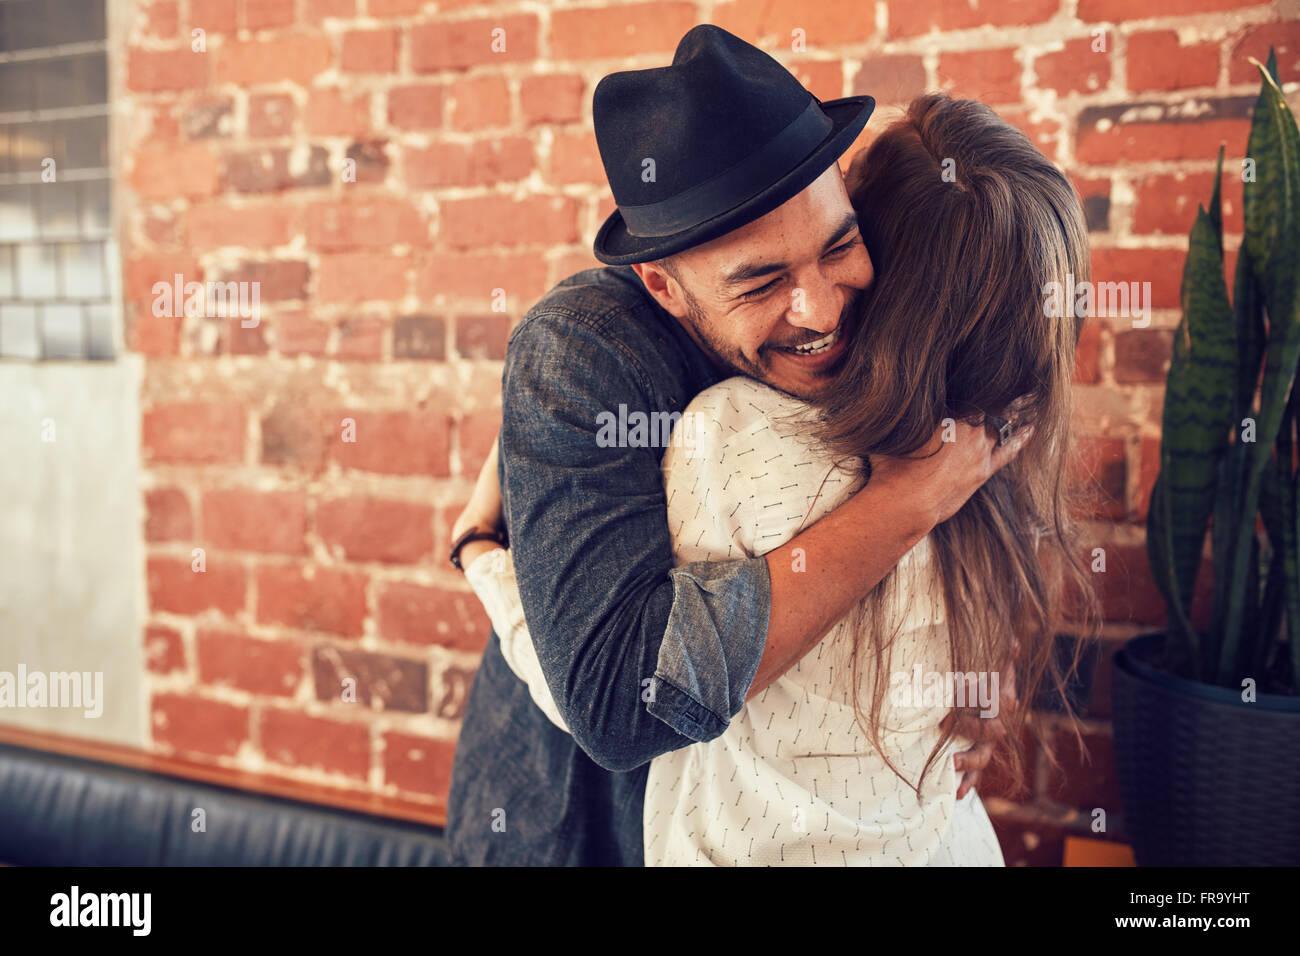 Retrato de joven abrazando a su novia en el cafe. Joven abrazando a una mujer en una cafetería. Imagen De Stock